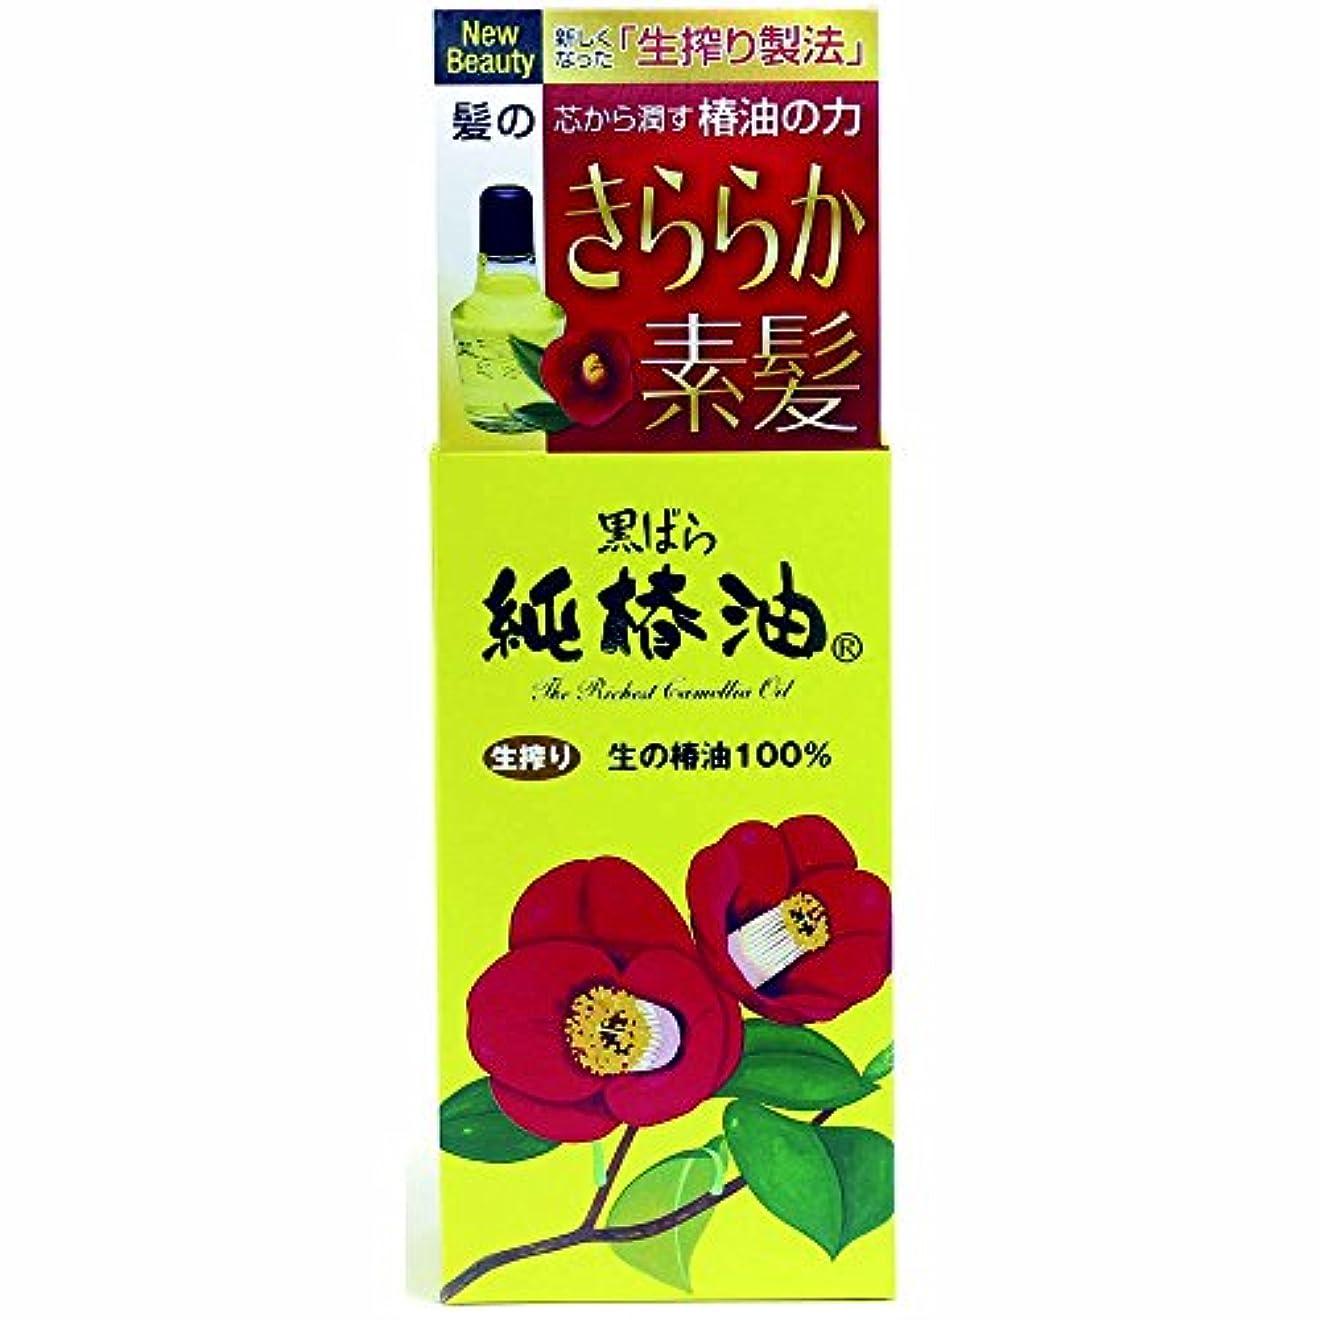 モナリザこれまでヘア黒ばら 純椿油 (72mL)